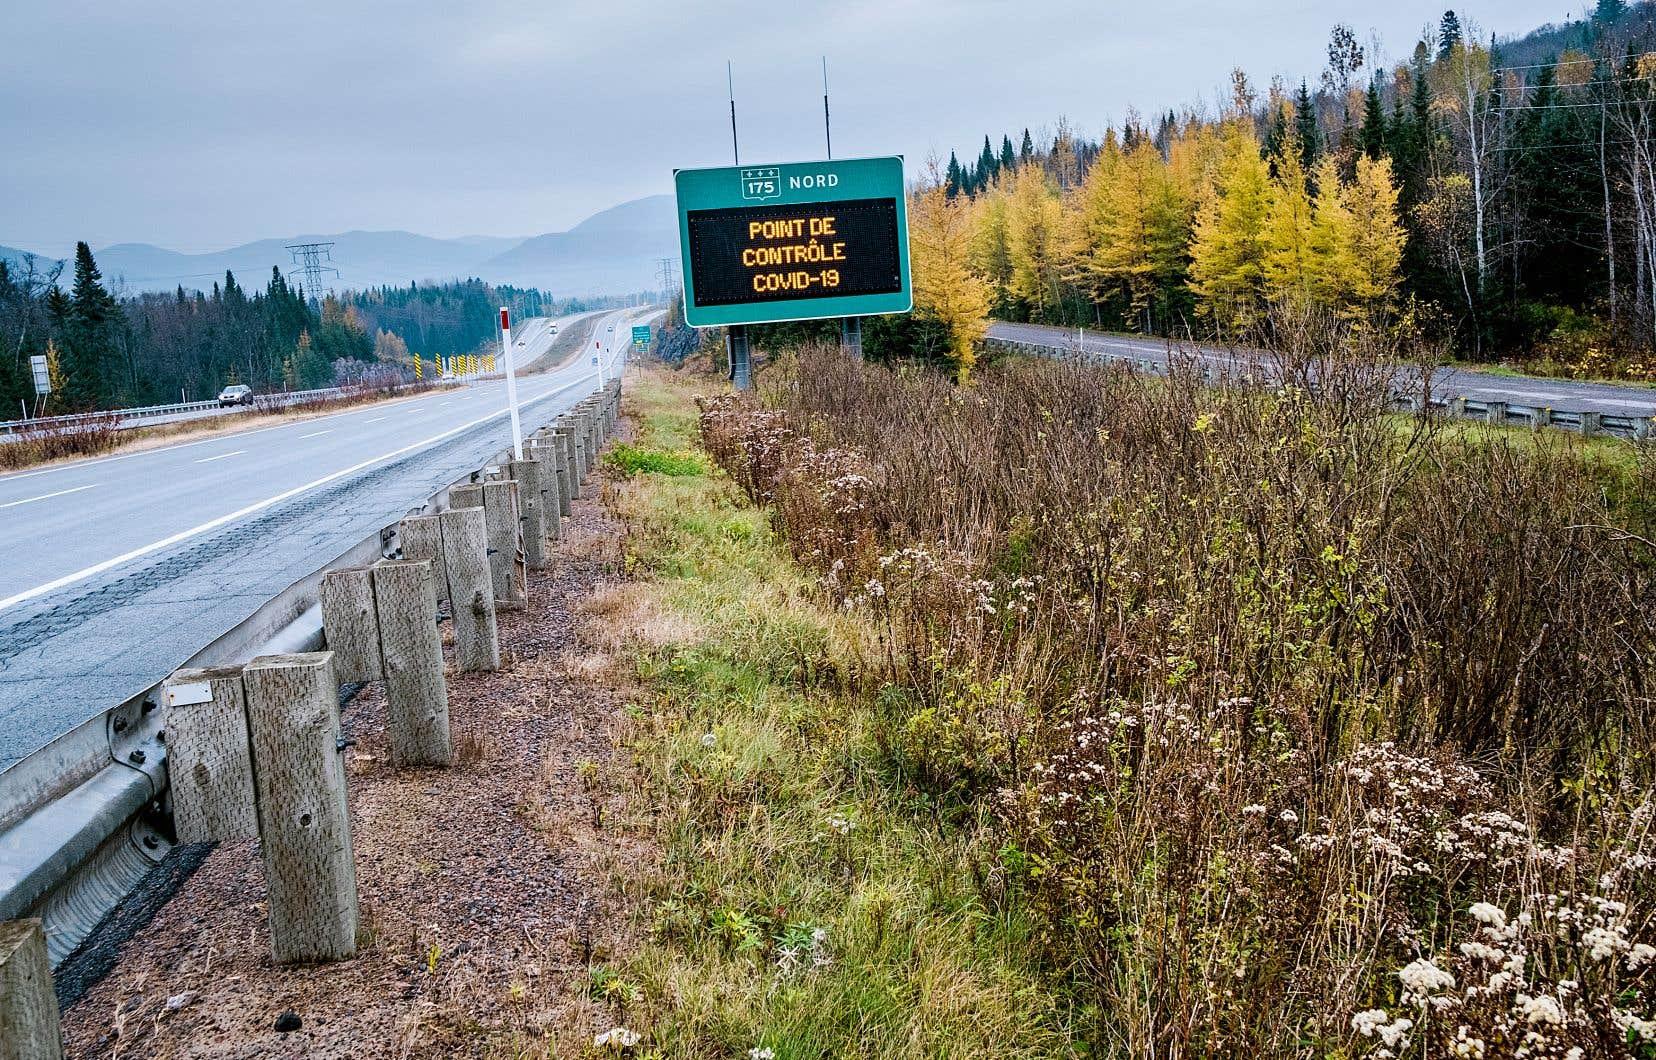 Un panneau annonce la présence d'un point de contrôle au départ de Québec sur la route 175, direction nord.